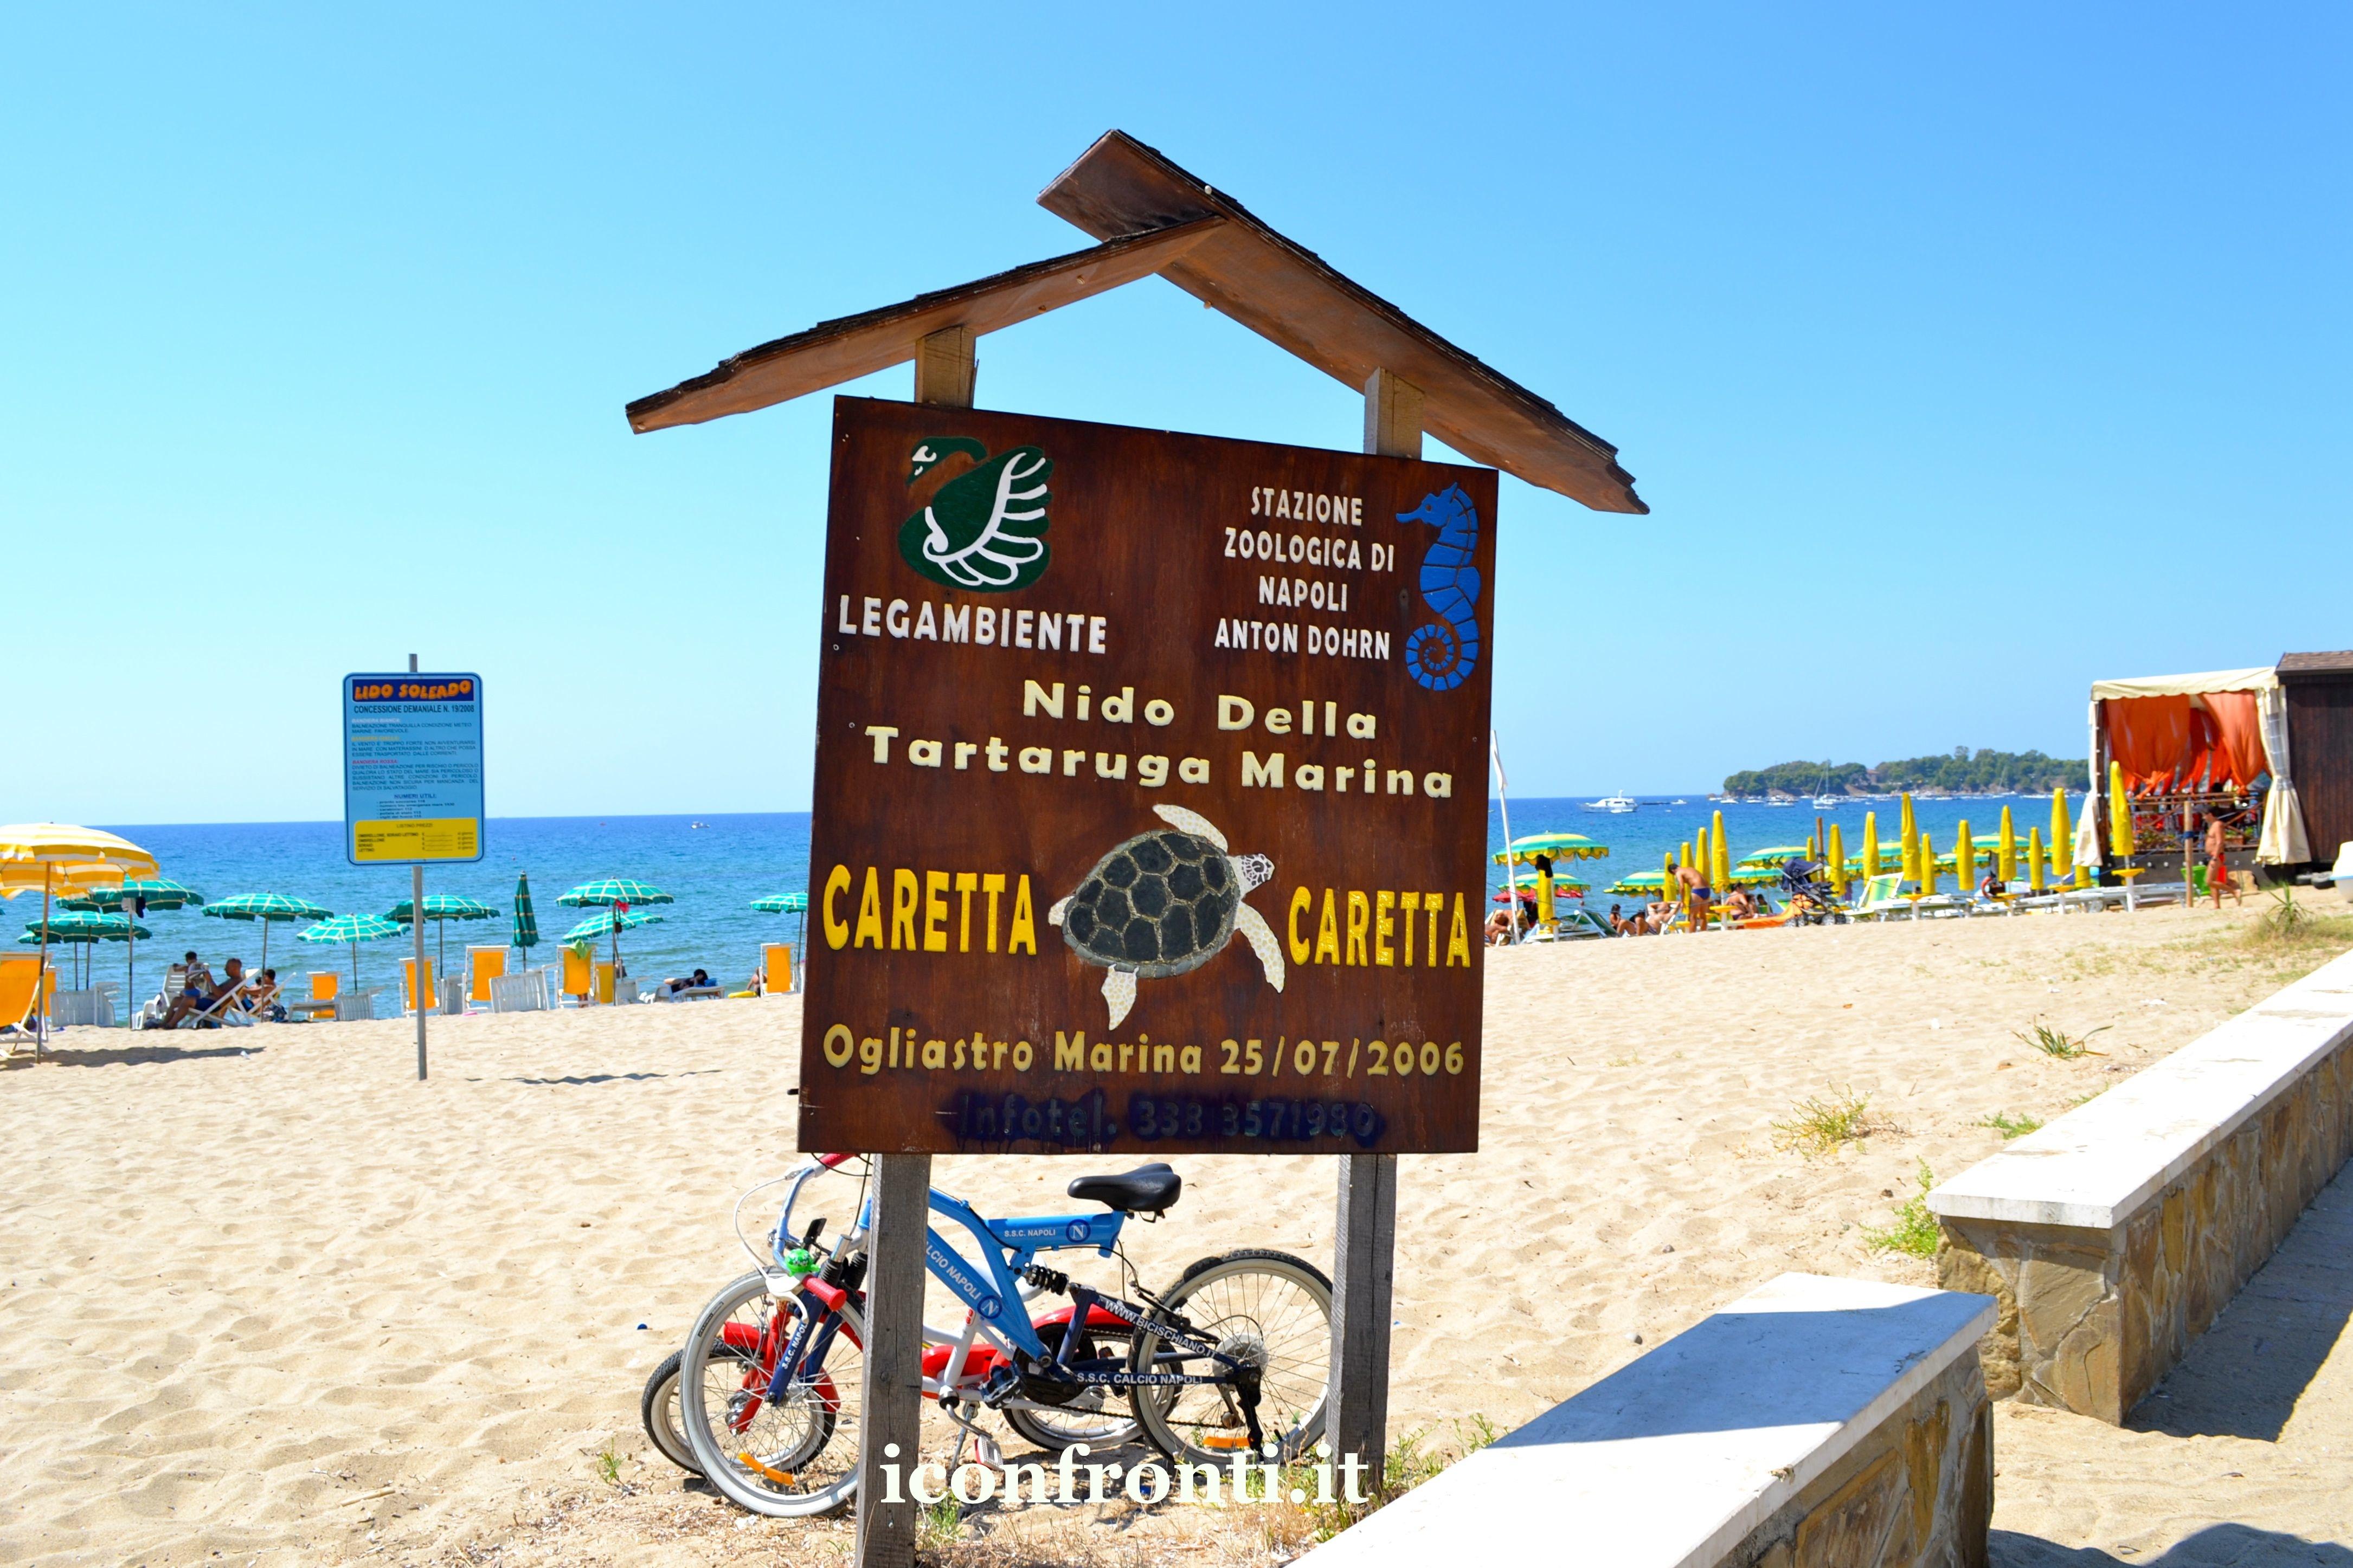 Caretta caretta, polemiche ad Ogliastro tra residenti e turisti